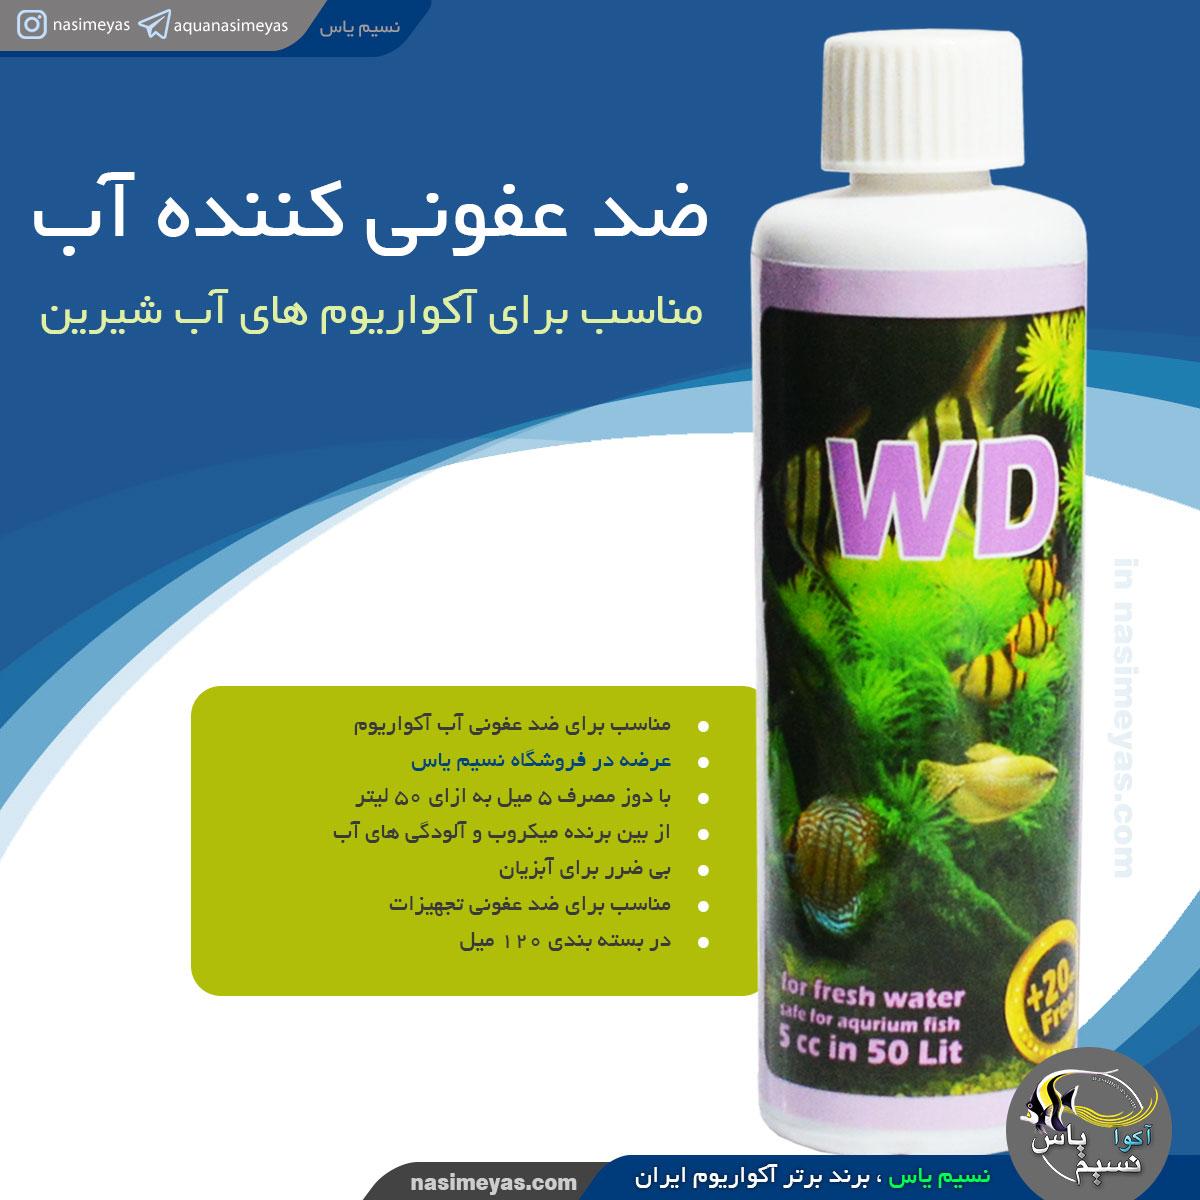 khoraksazan Water Disinfection